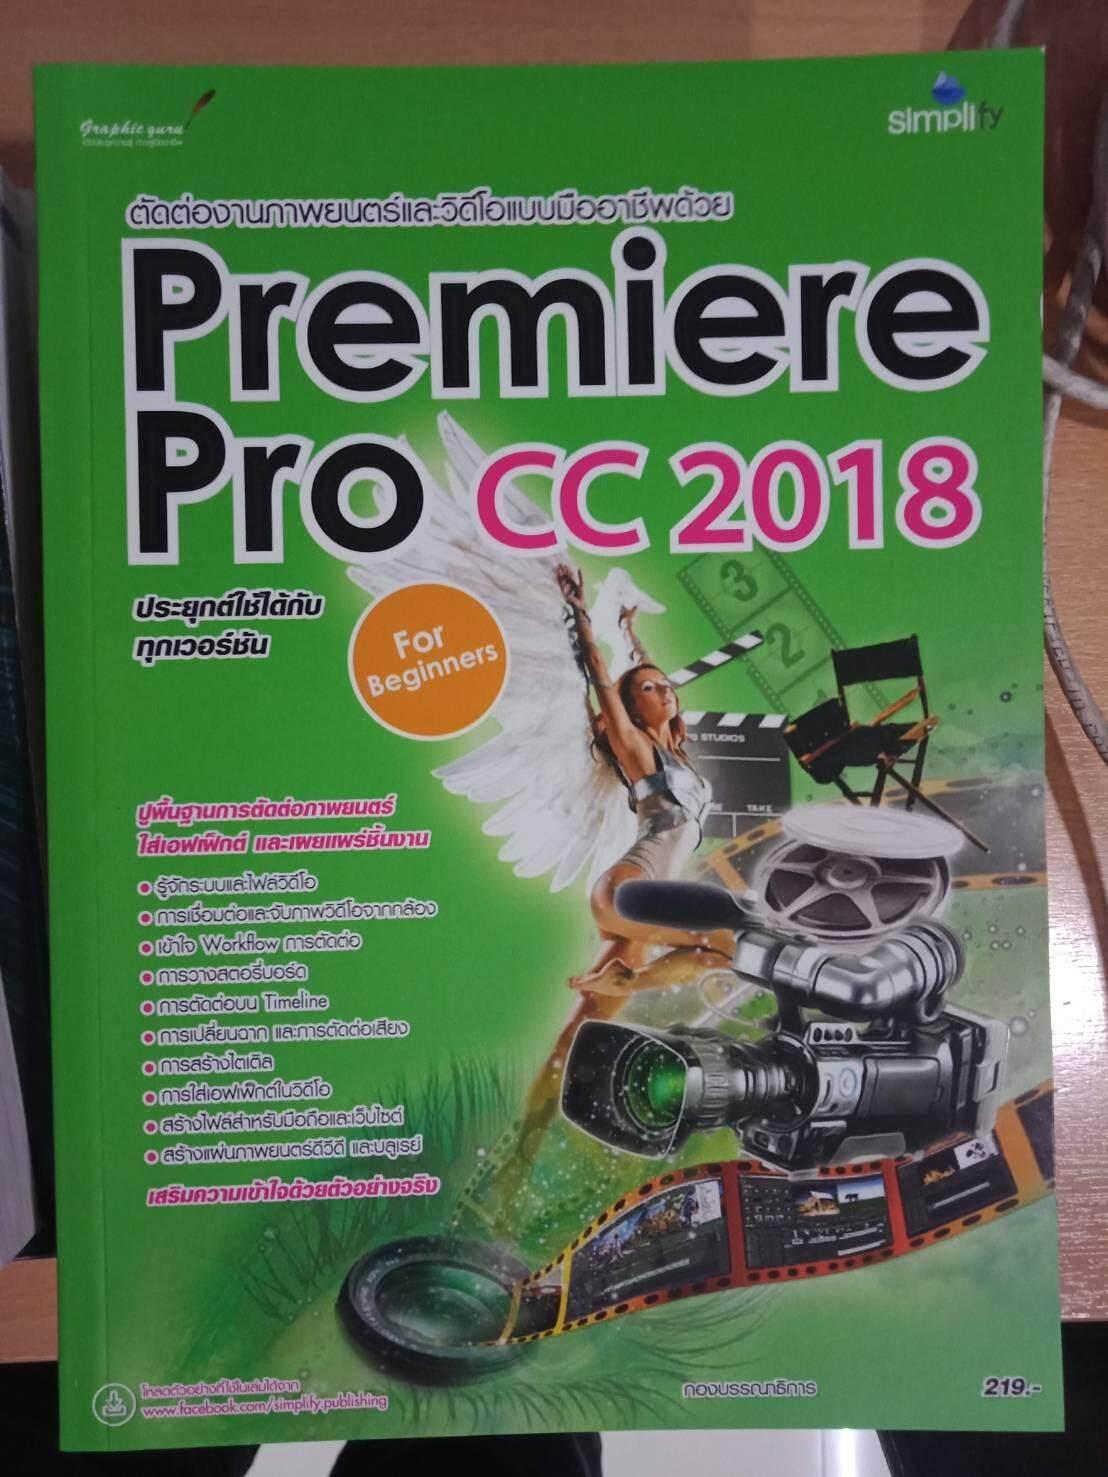 ตัดต่องานภาพยนตร์และวิดีโอแบบมืออาชีพด้วย Premiere Pro Cc 2018 ฉบับผู้เริ่มต้น By Simplify.